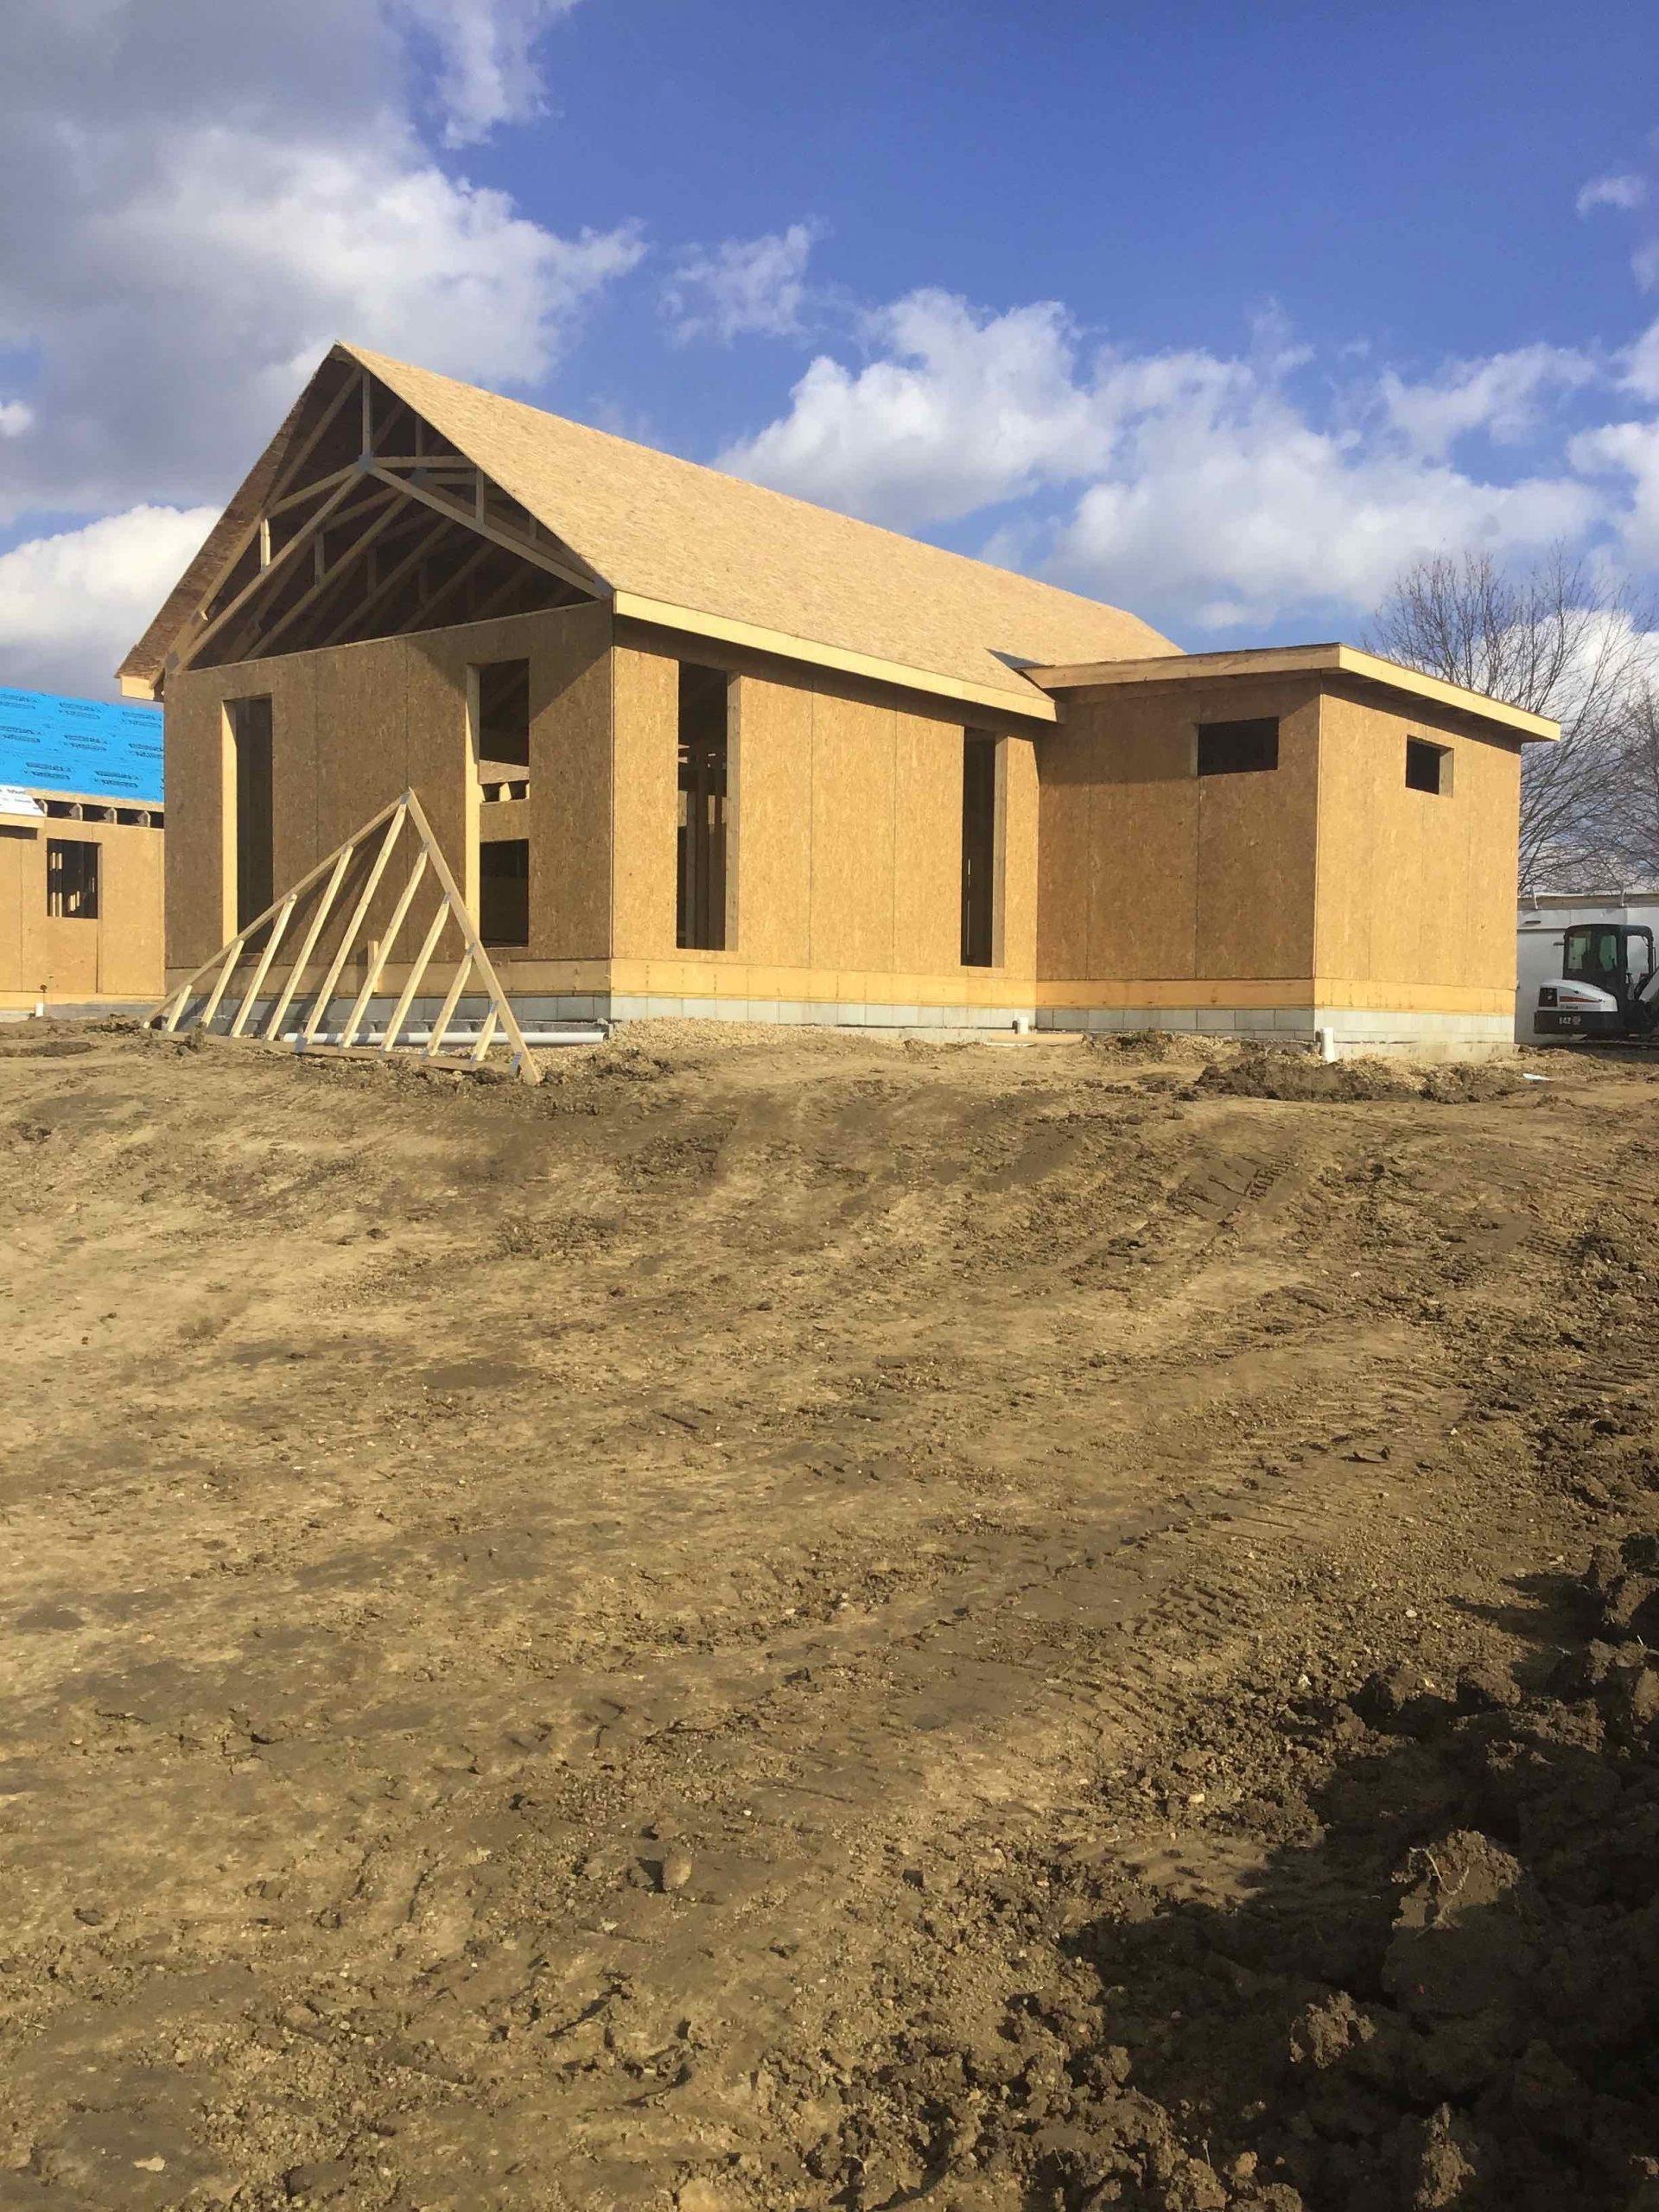 Farm House - New Build - Shrock Premier Custom Construction